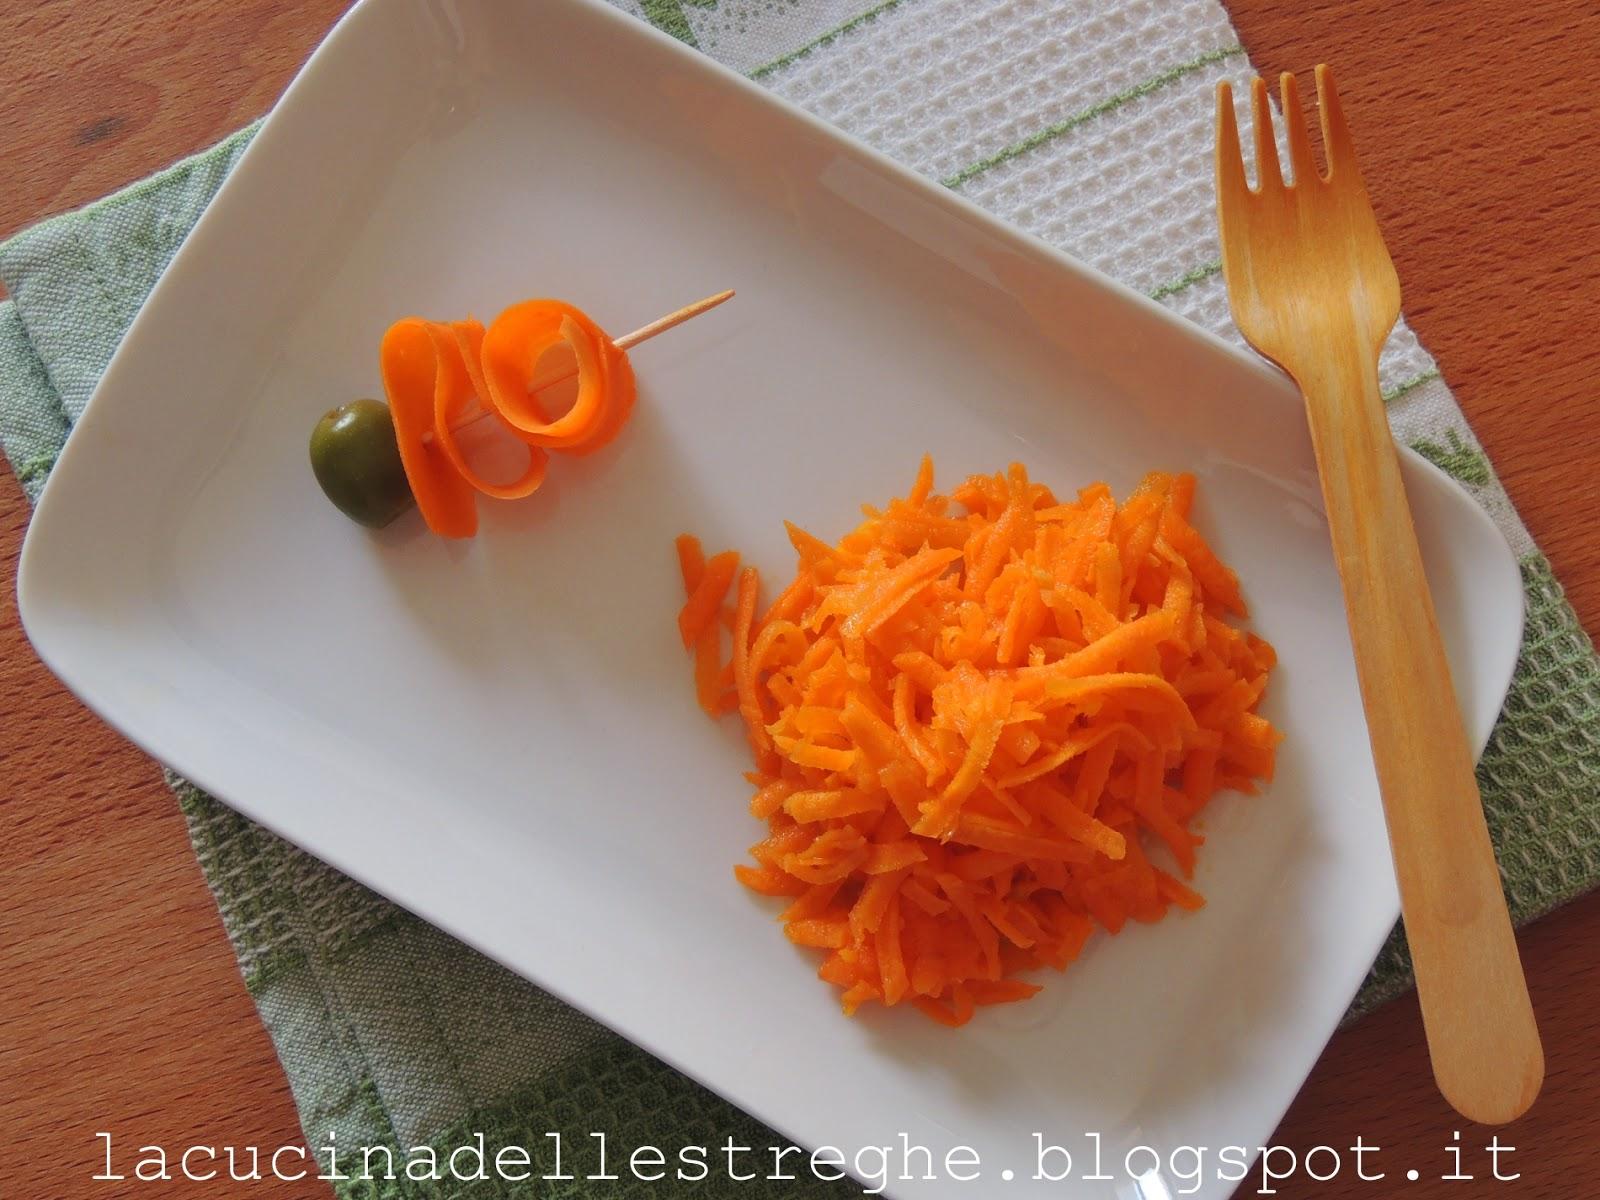 La cucina delle streghe julienne di carote marinate for Taglio alla julienne